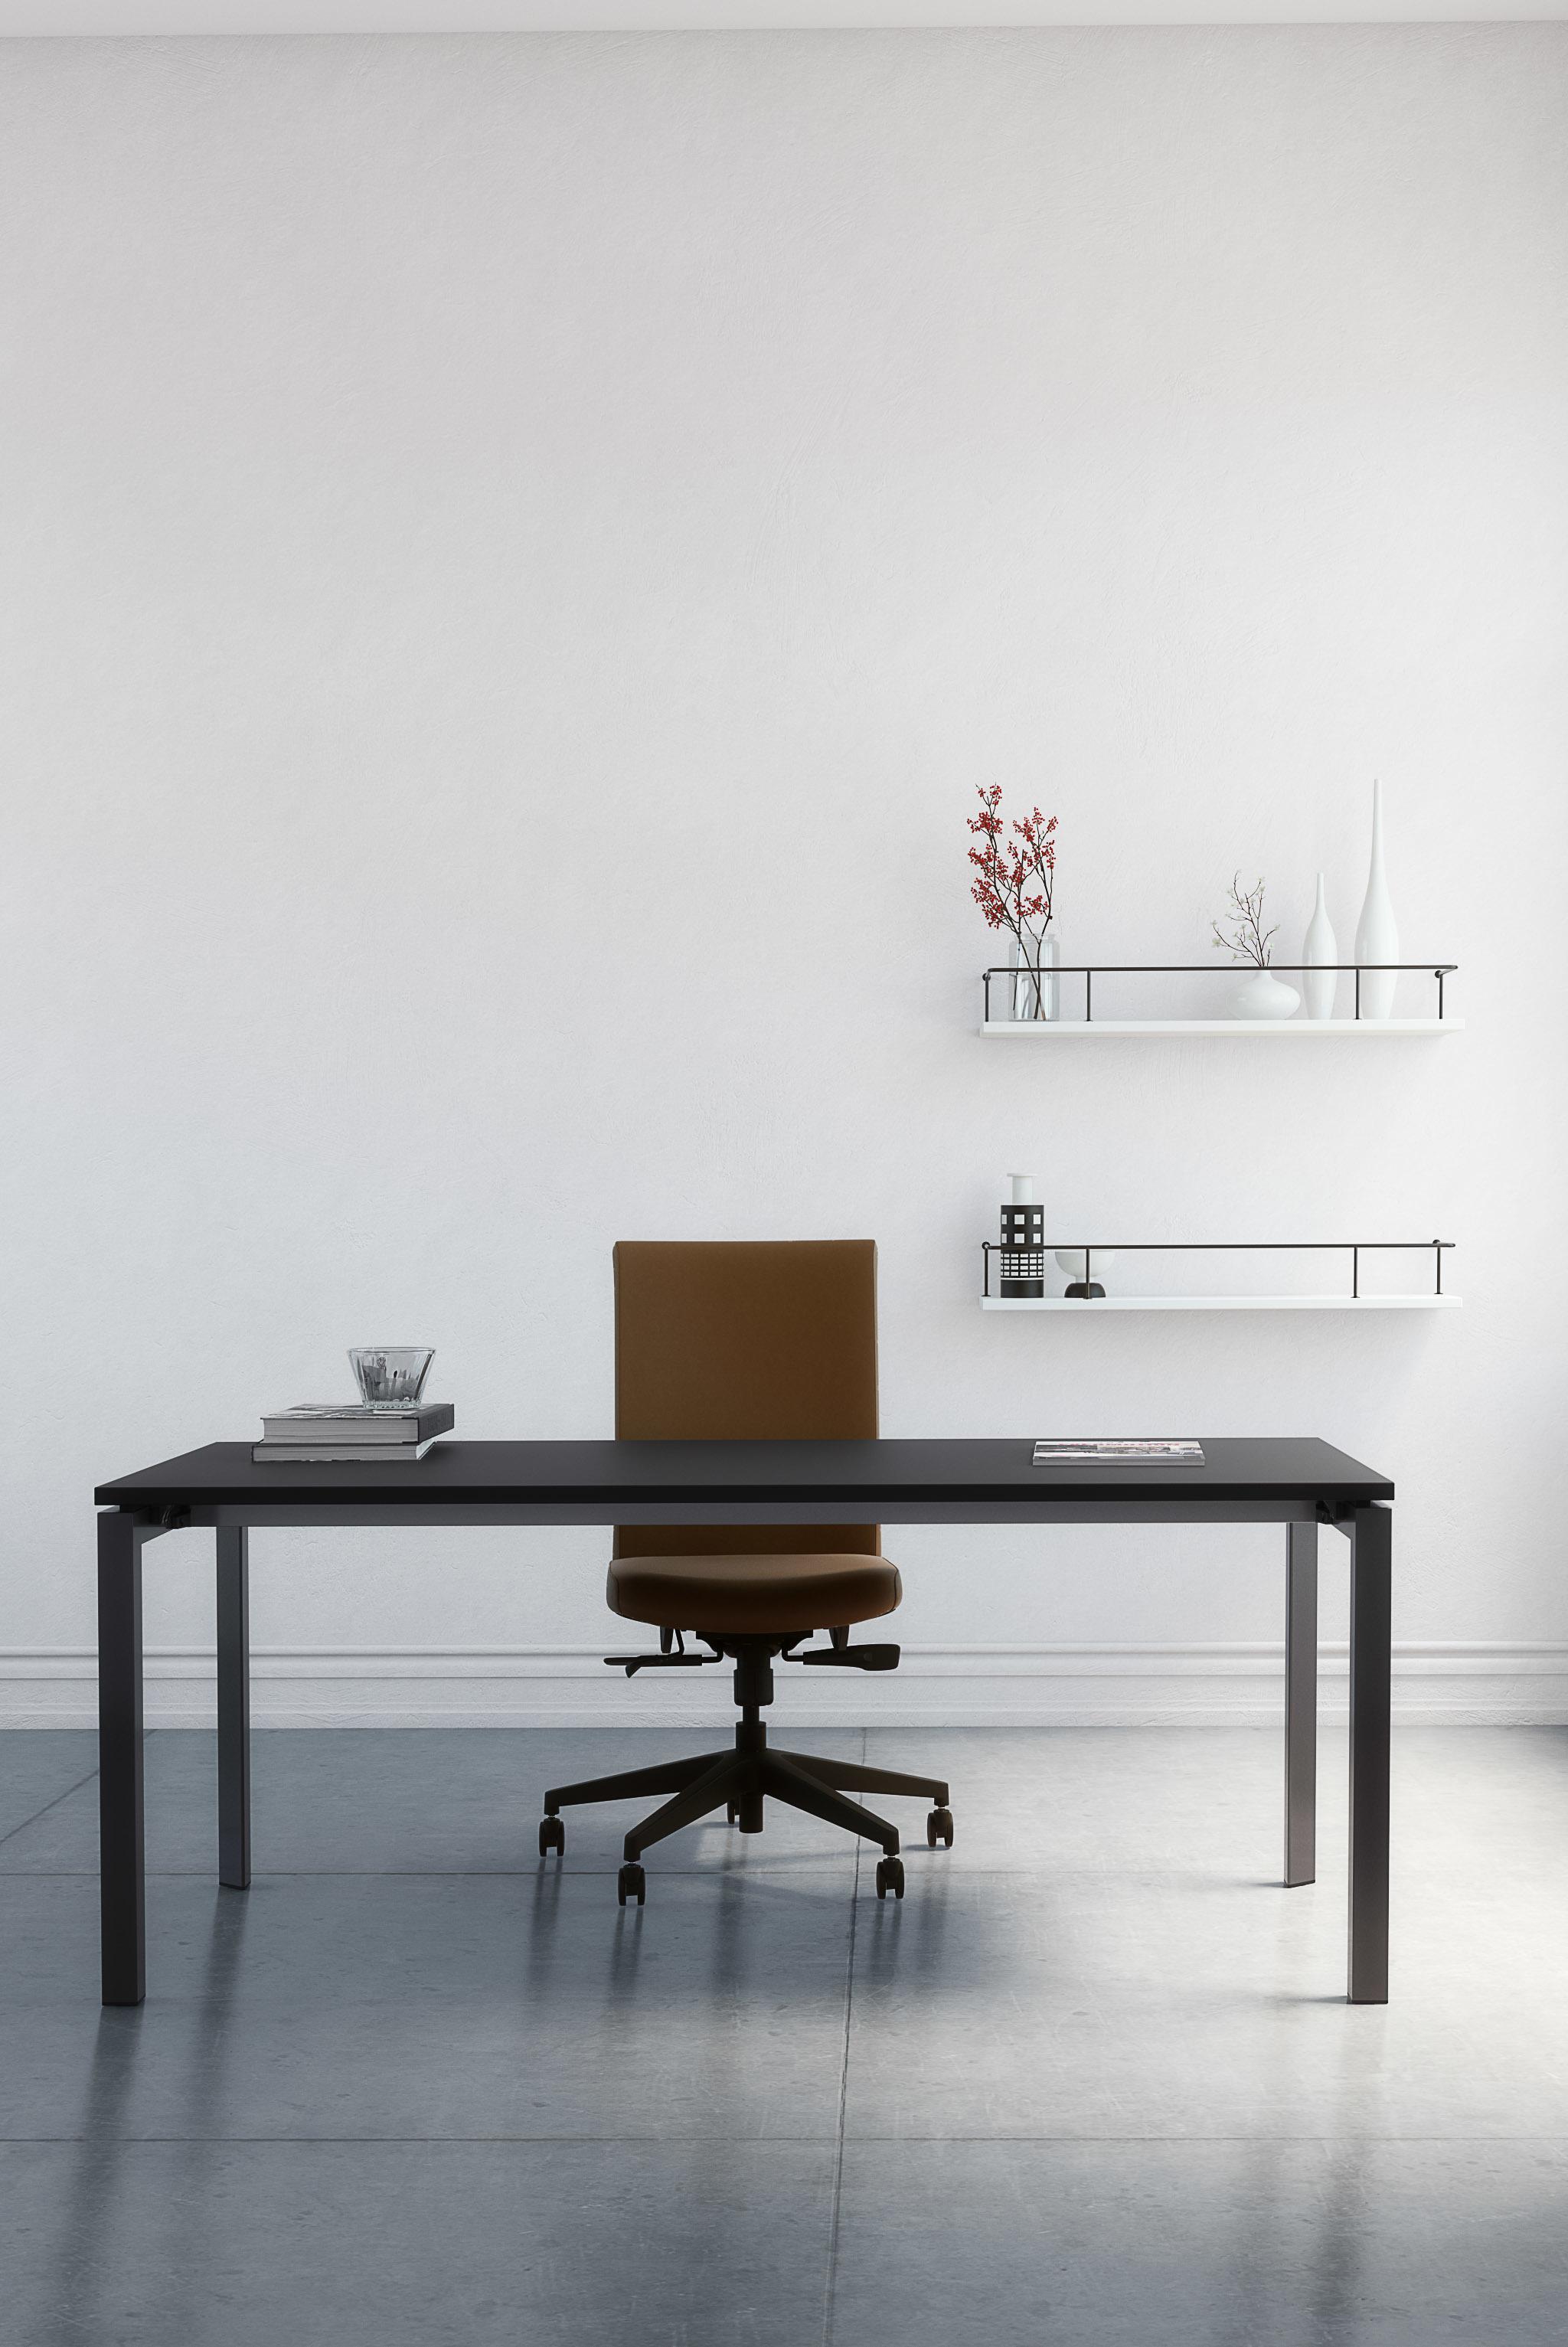 Qué Mobiliario De Oficina Escoger? | designbcn.es